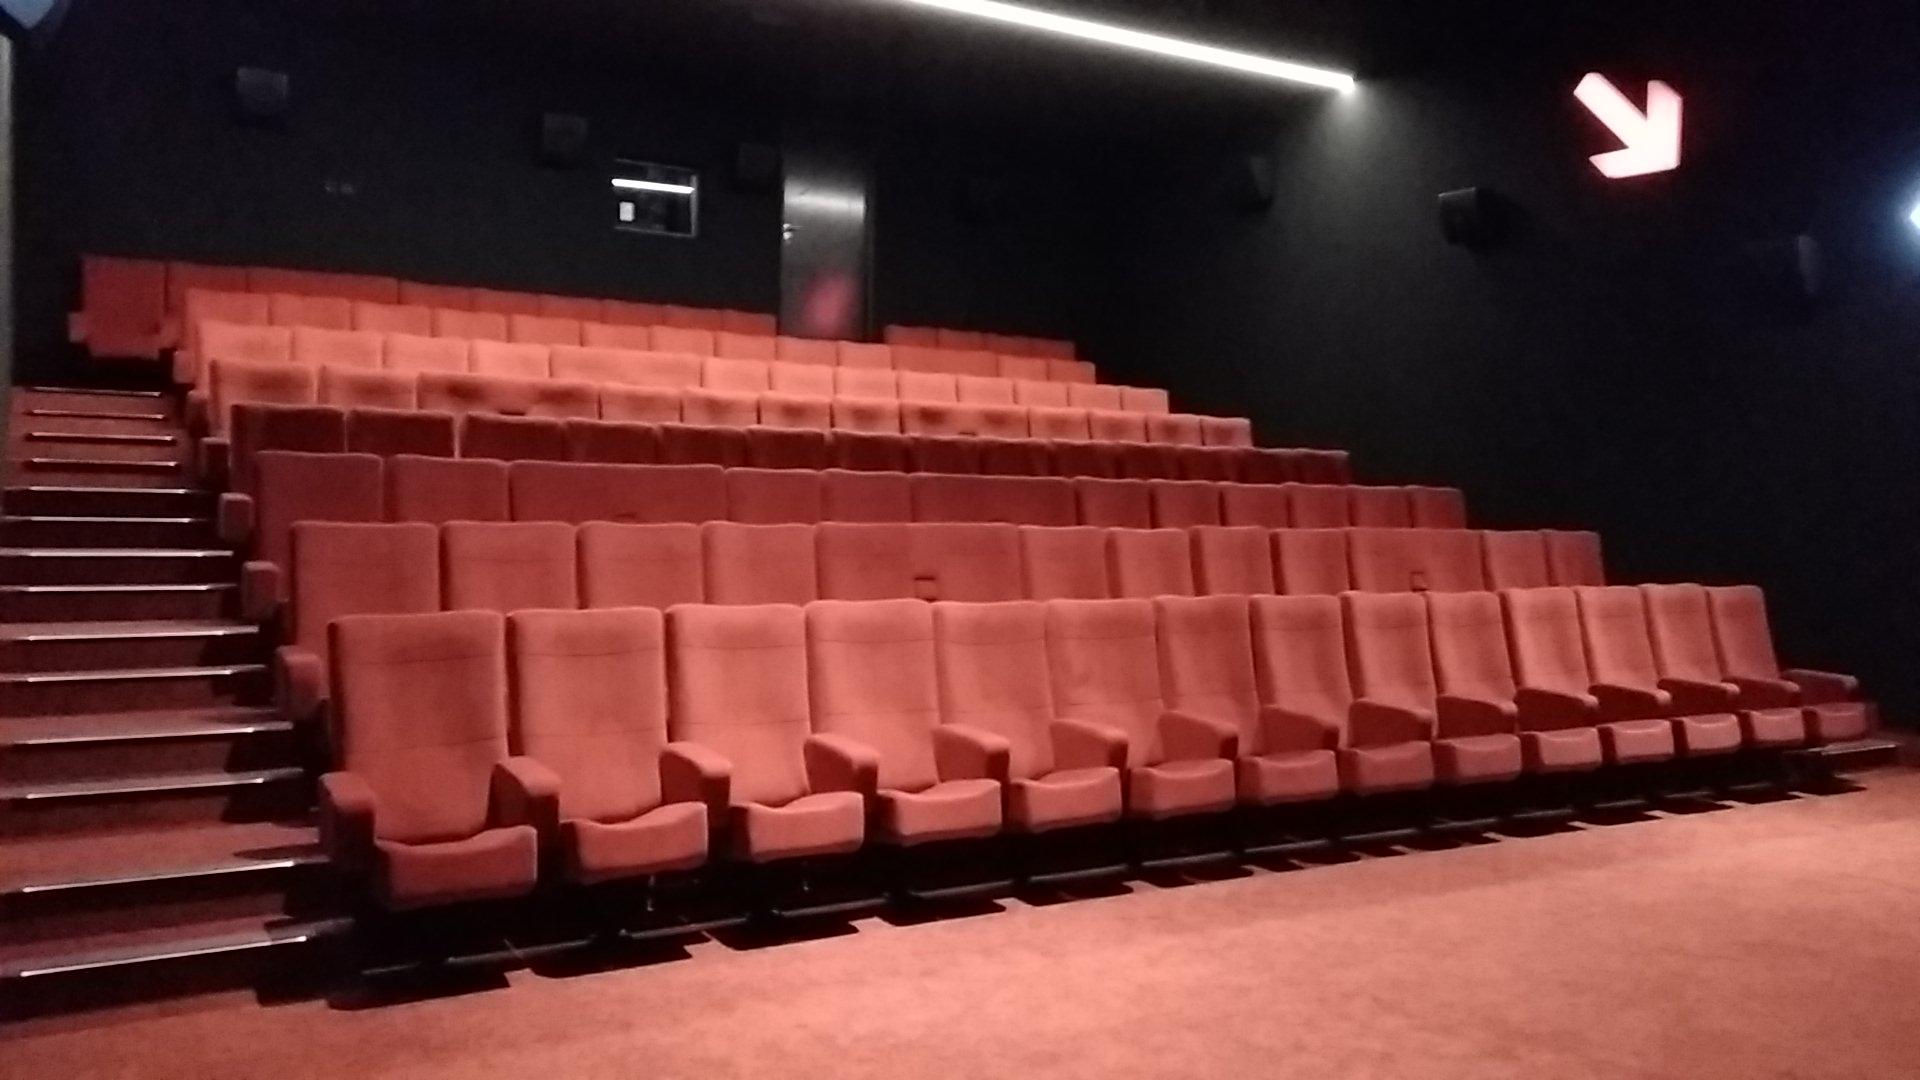 Kleslo - fauteuil Inertie - Leader de fabrication de fauteuils cinéma, théâtre ... Cinéma confluence sablé sur Sarthe v2